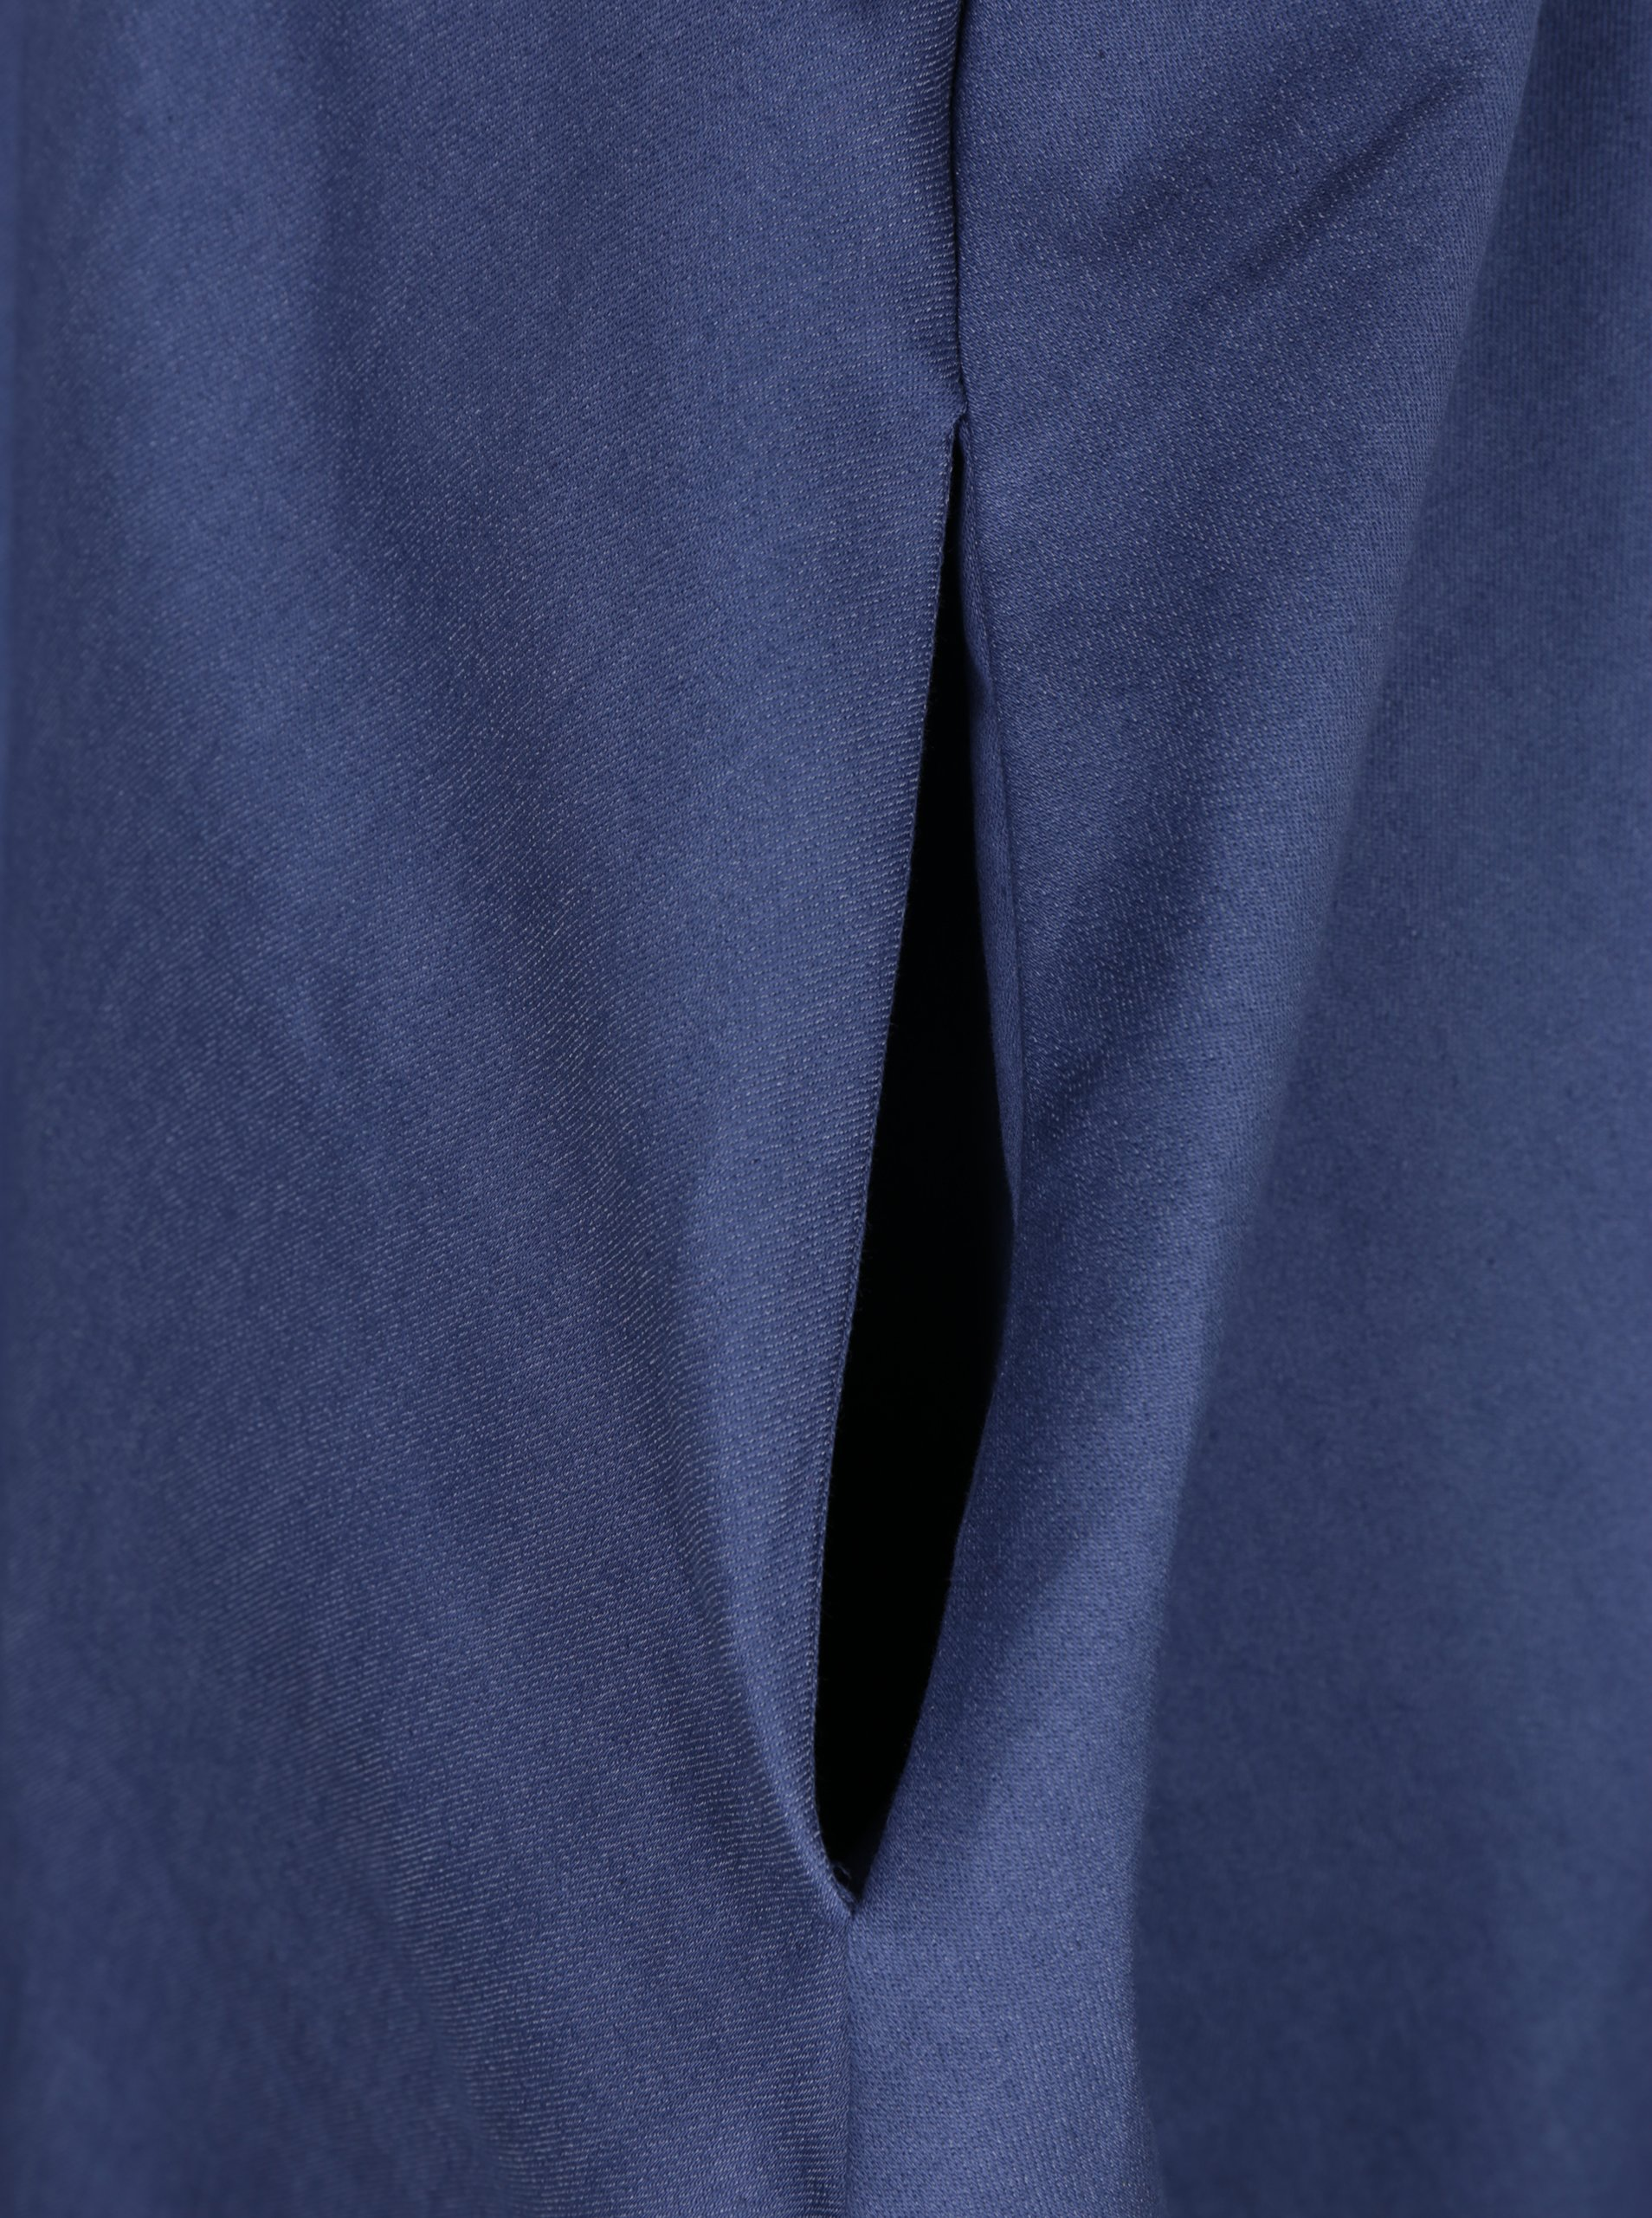 d4dbdb5b9205 Modré šaty s krátkým rukávem Dolly   Dotty Janie - Akční cena ...